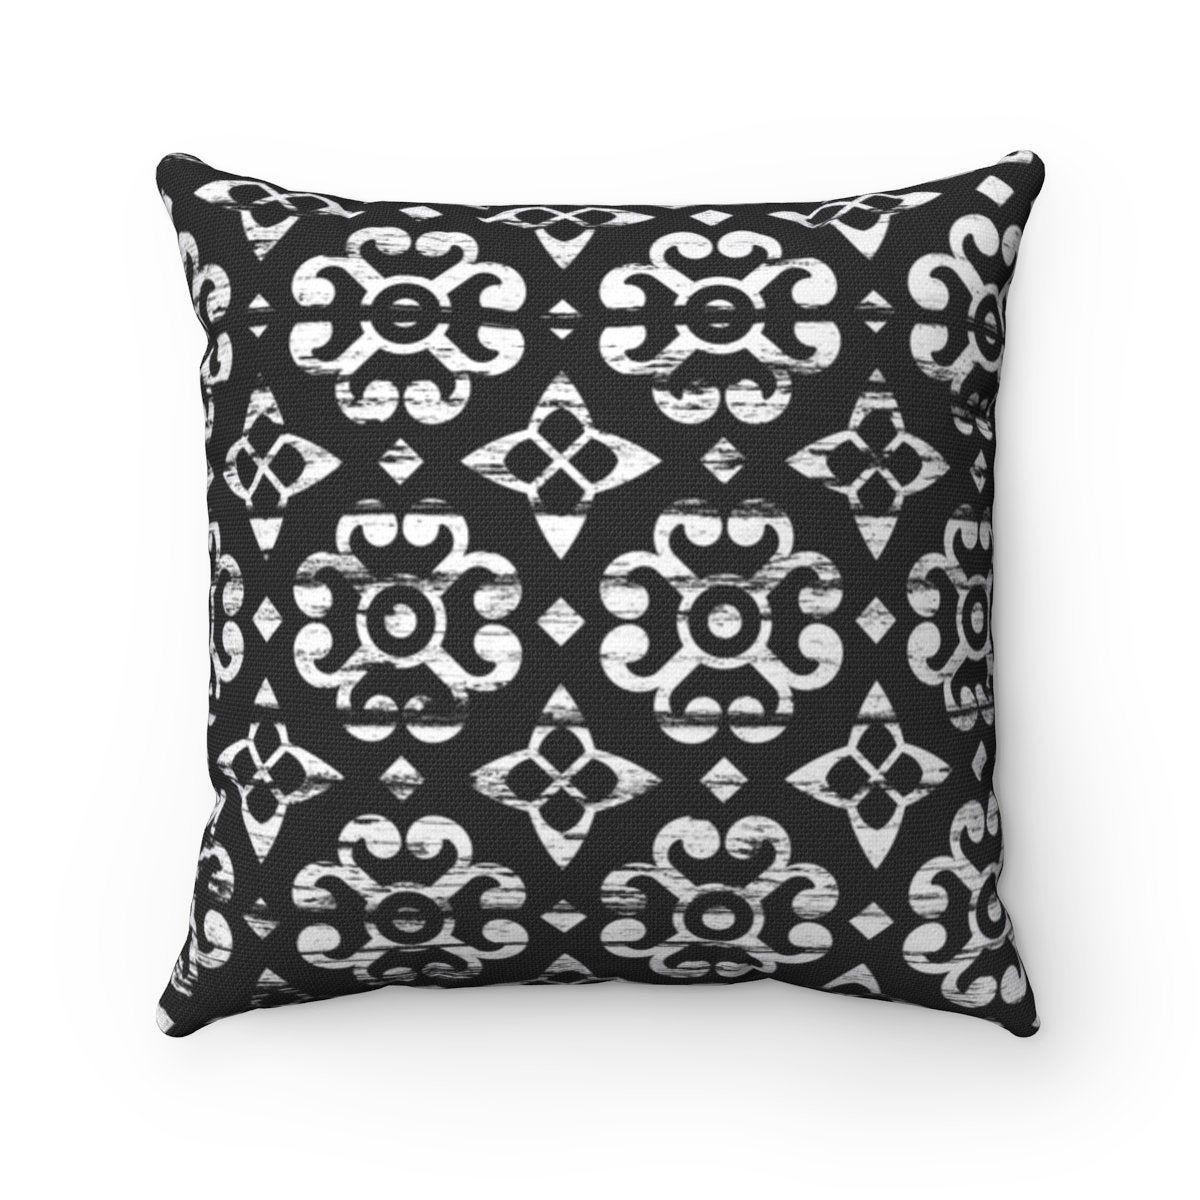 Black and white geometric farmhouse throw pillow cover